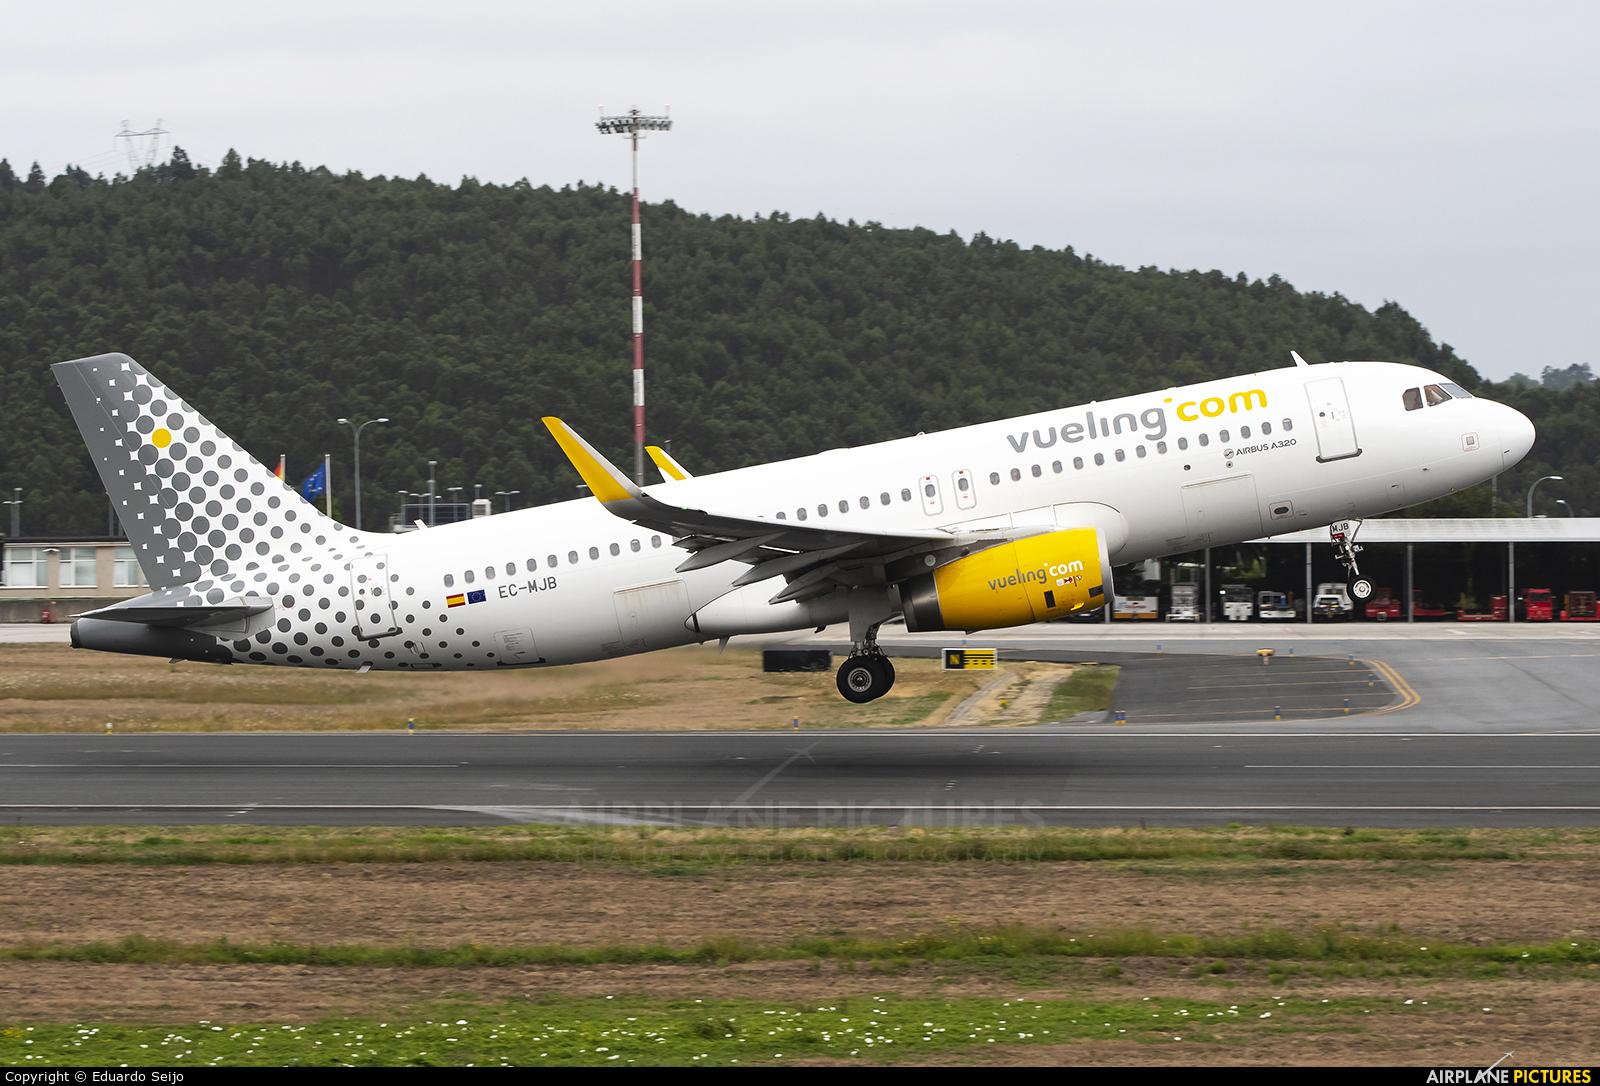 Vueling Airlines EC-MJB aircraft at La Coruña